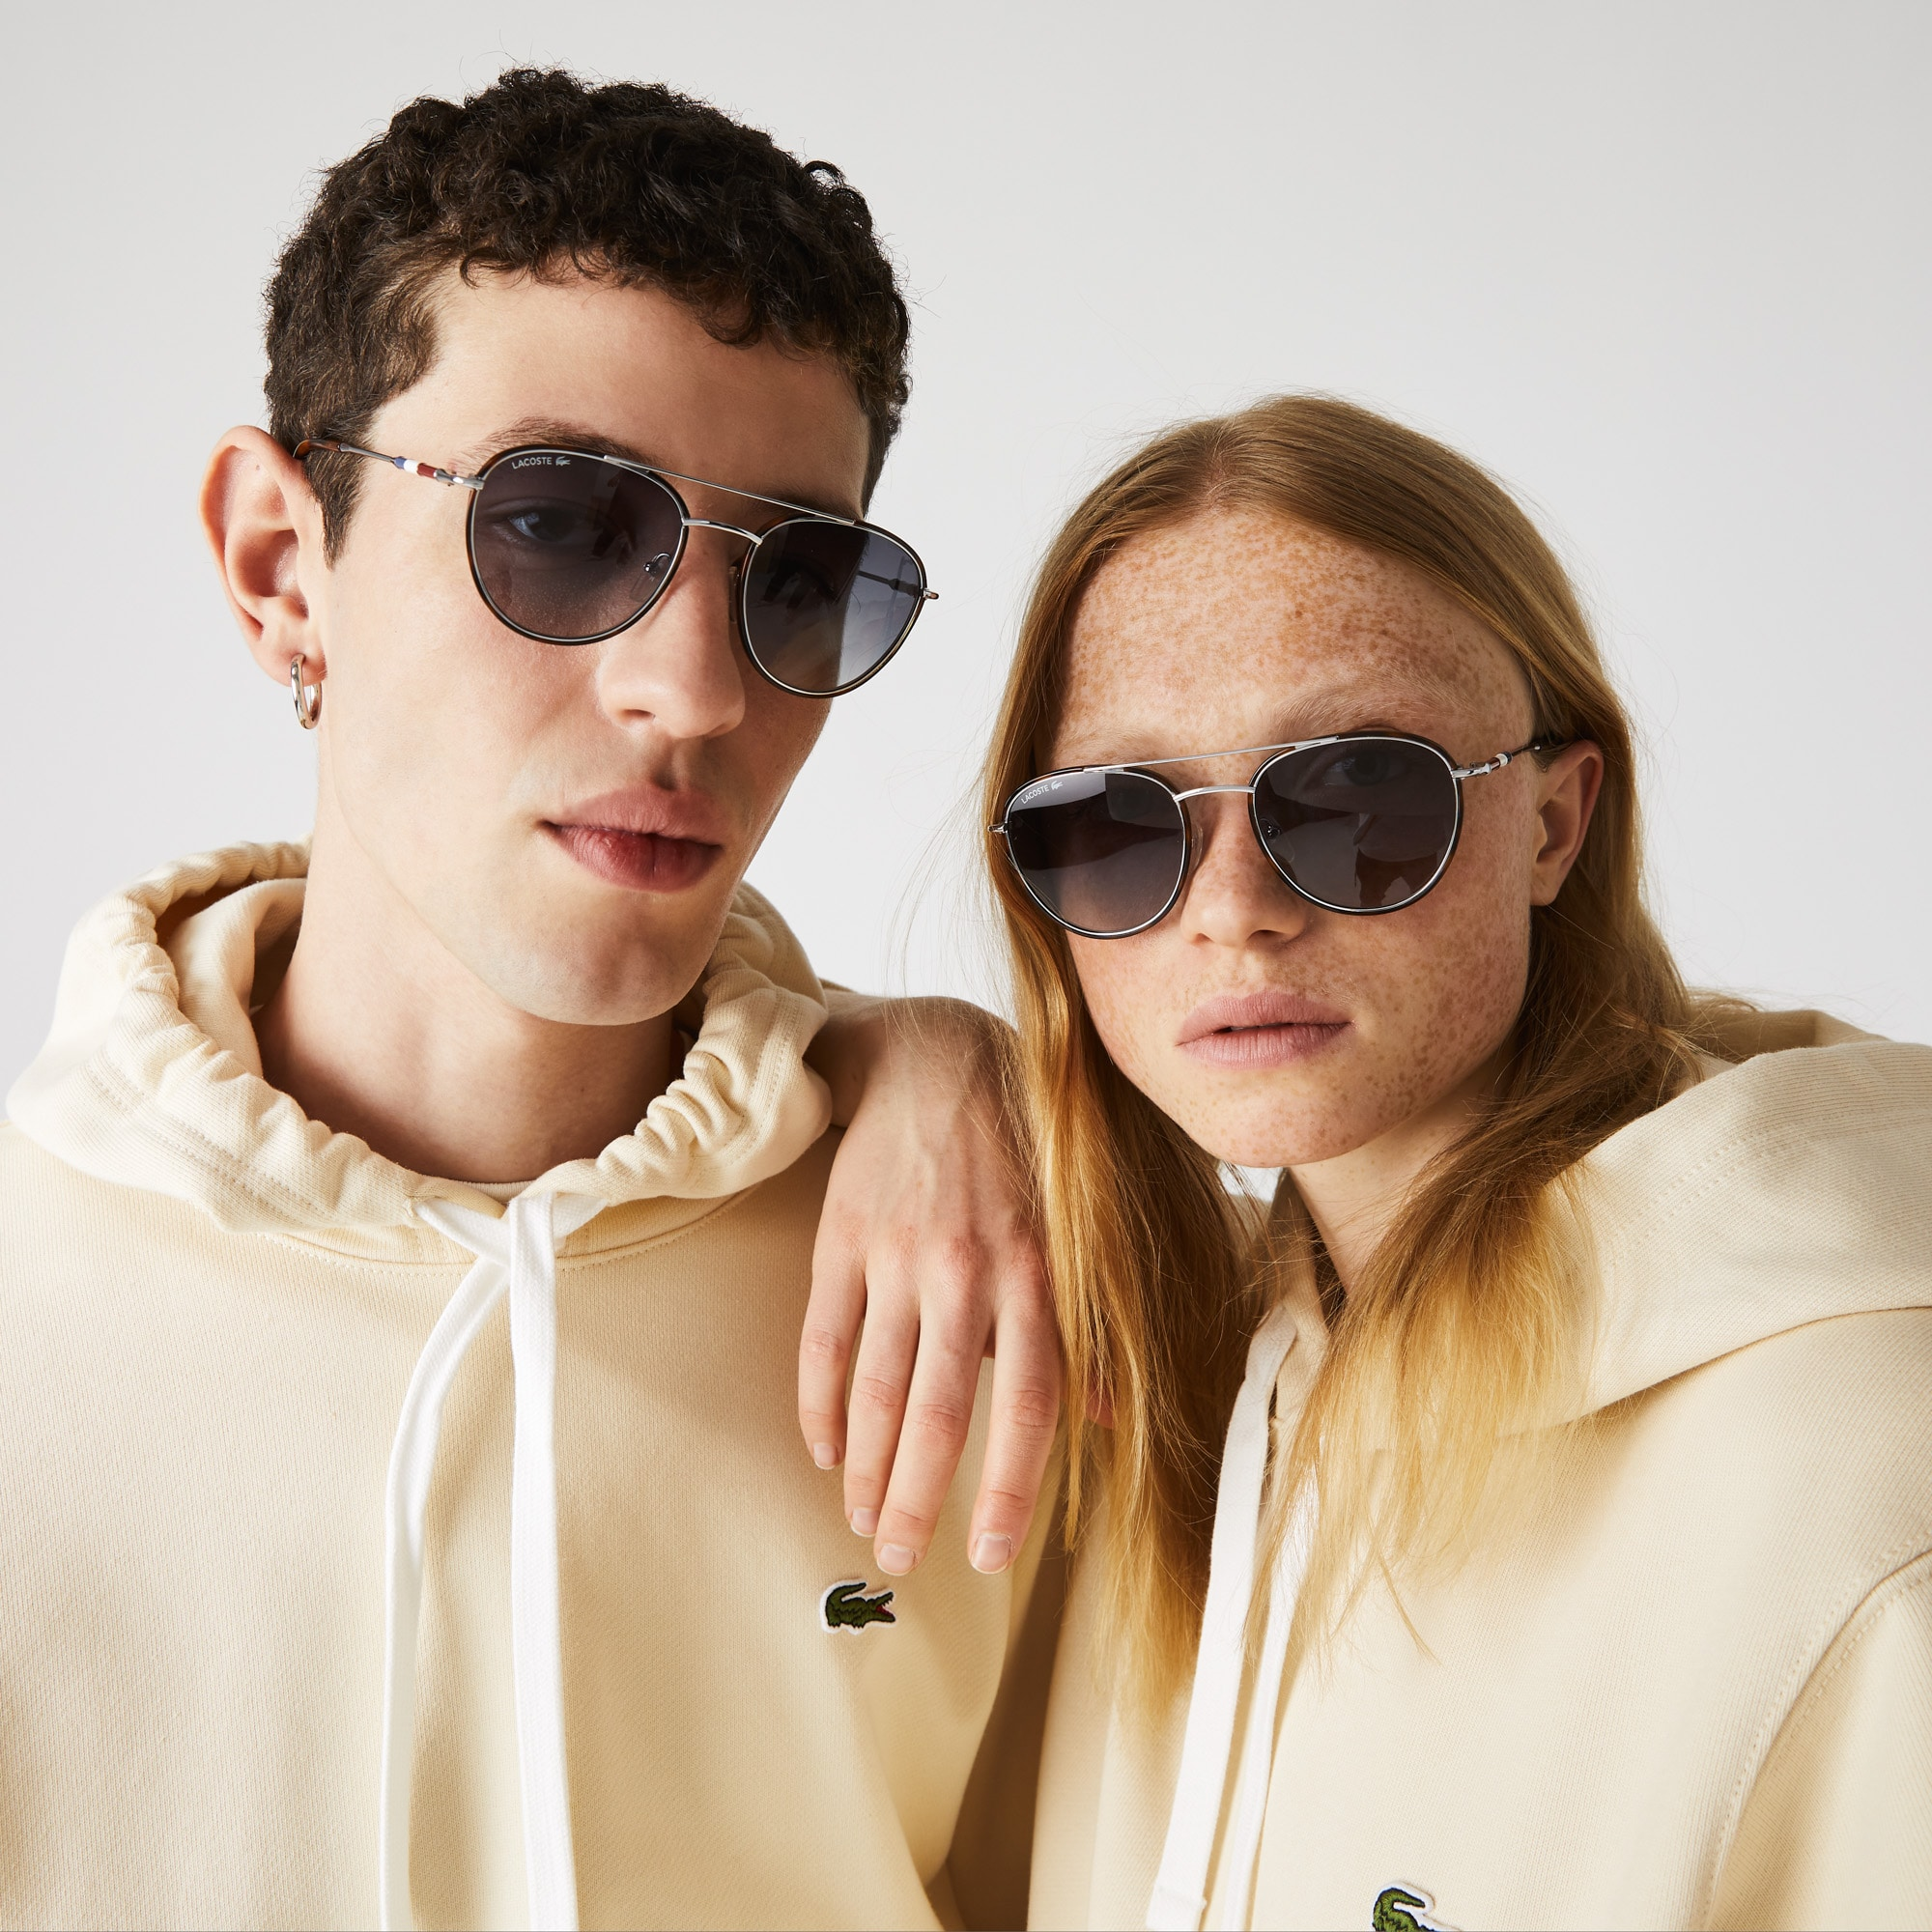 Gafas de sol Heritage unisex color block con montura metálica